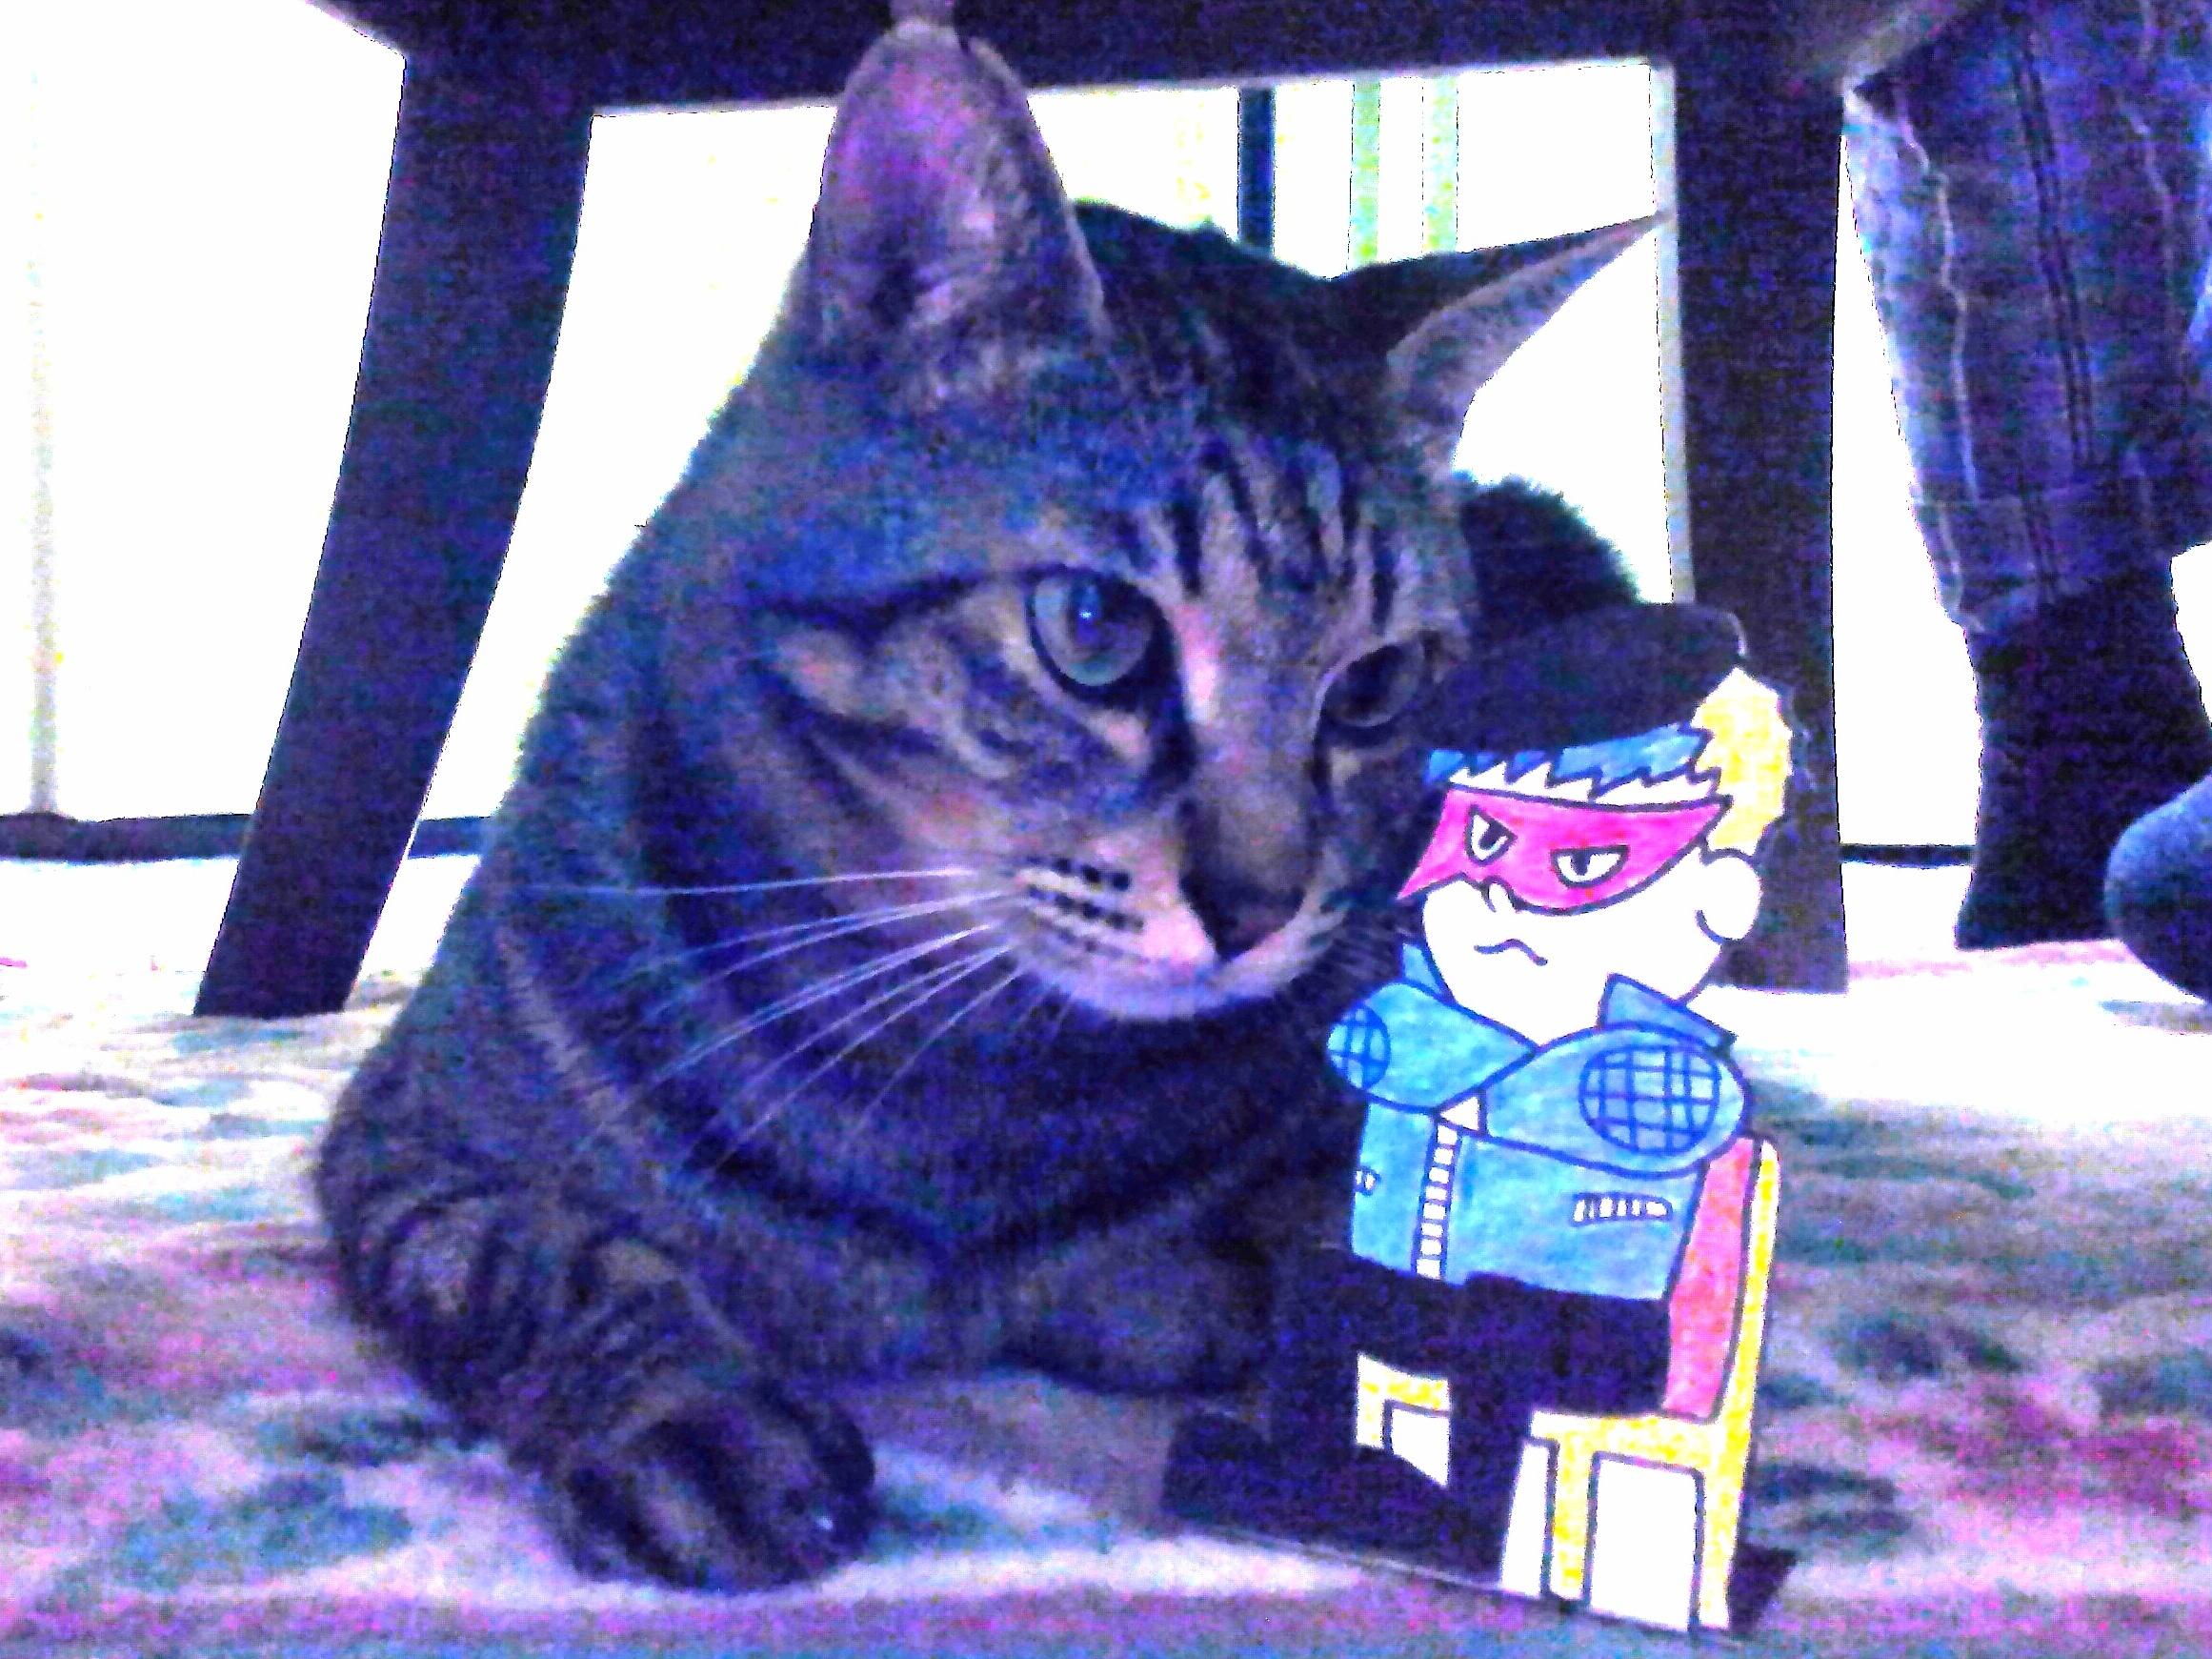 愛猫のギィーさんと、私ブルー。